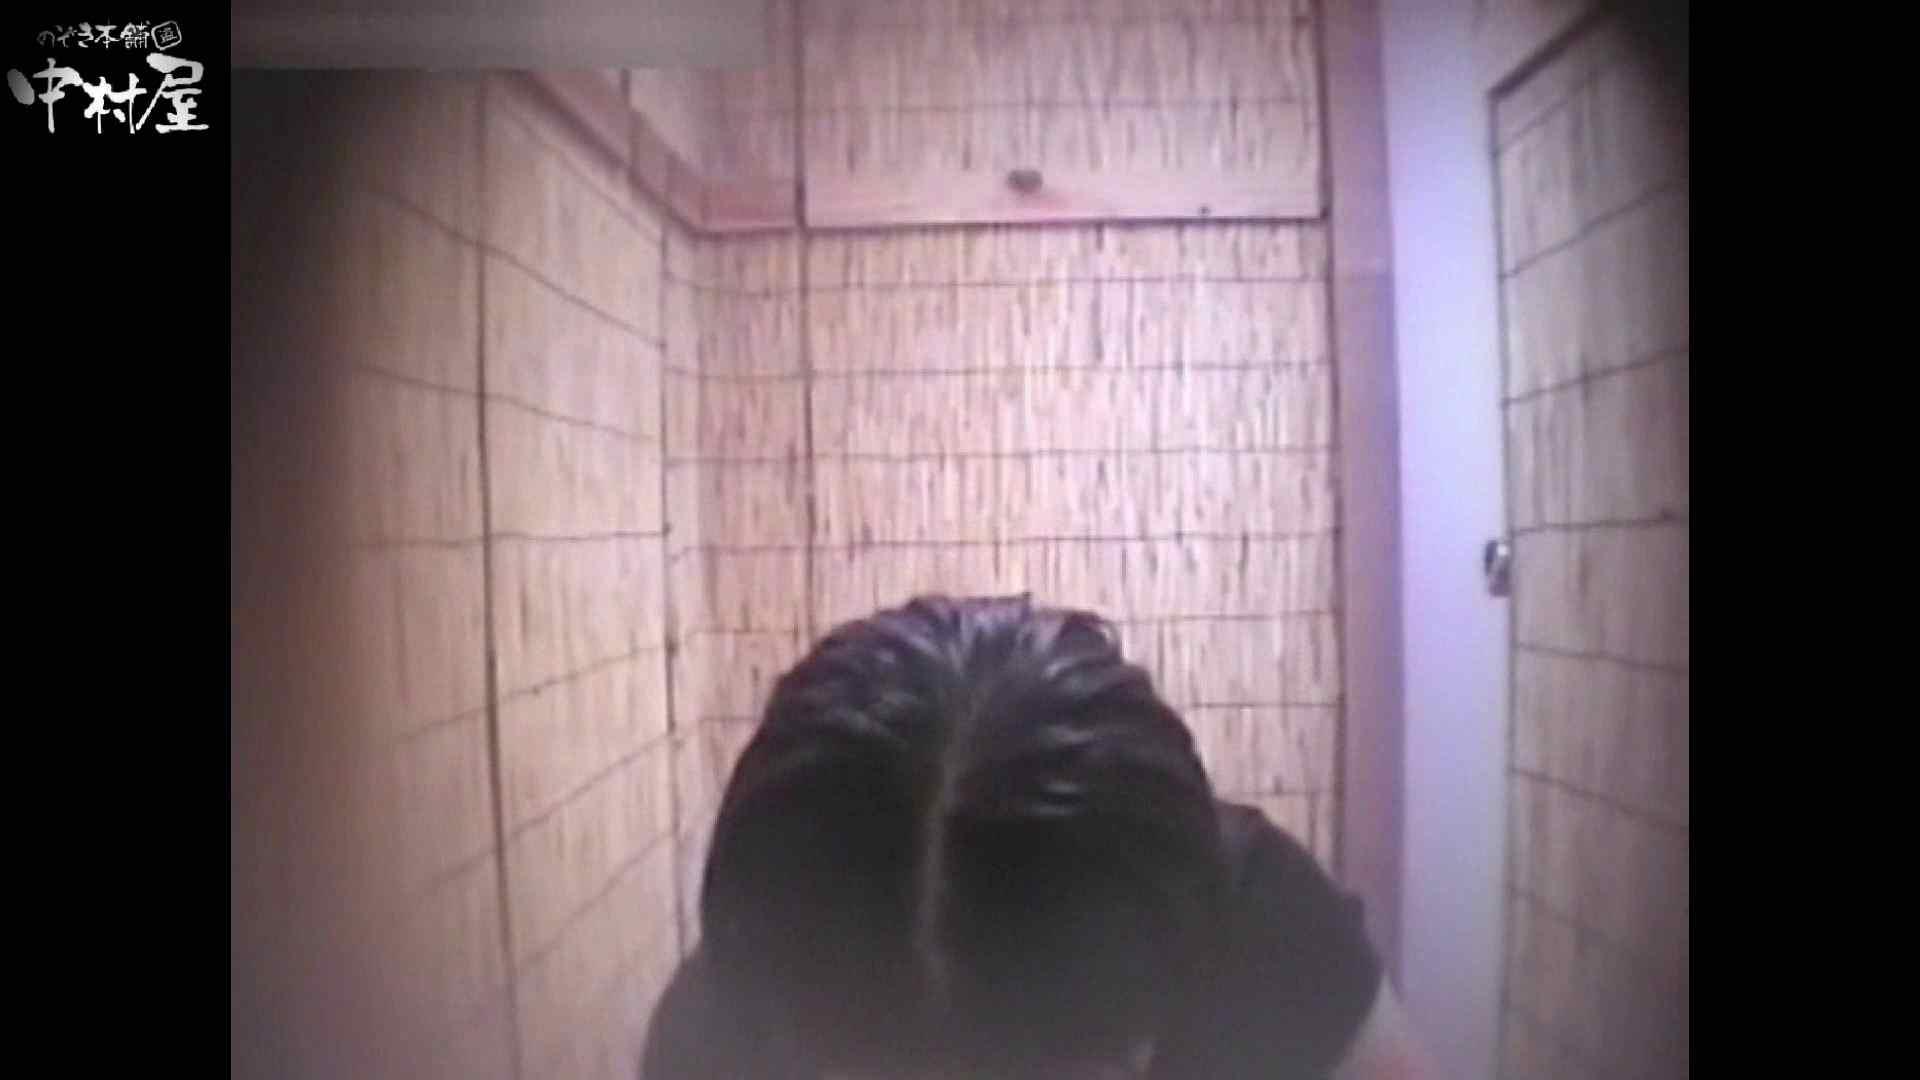 解禁!海の家4カメ洗面所vol.67 人気シリーズ のぞき濡れ場動画紹介 98PICs 19